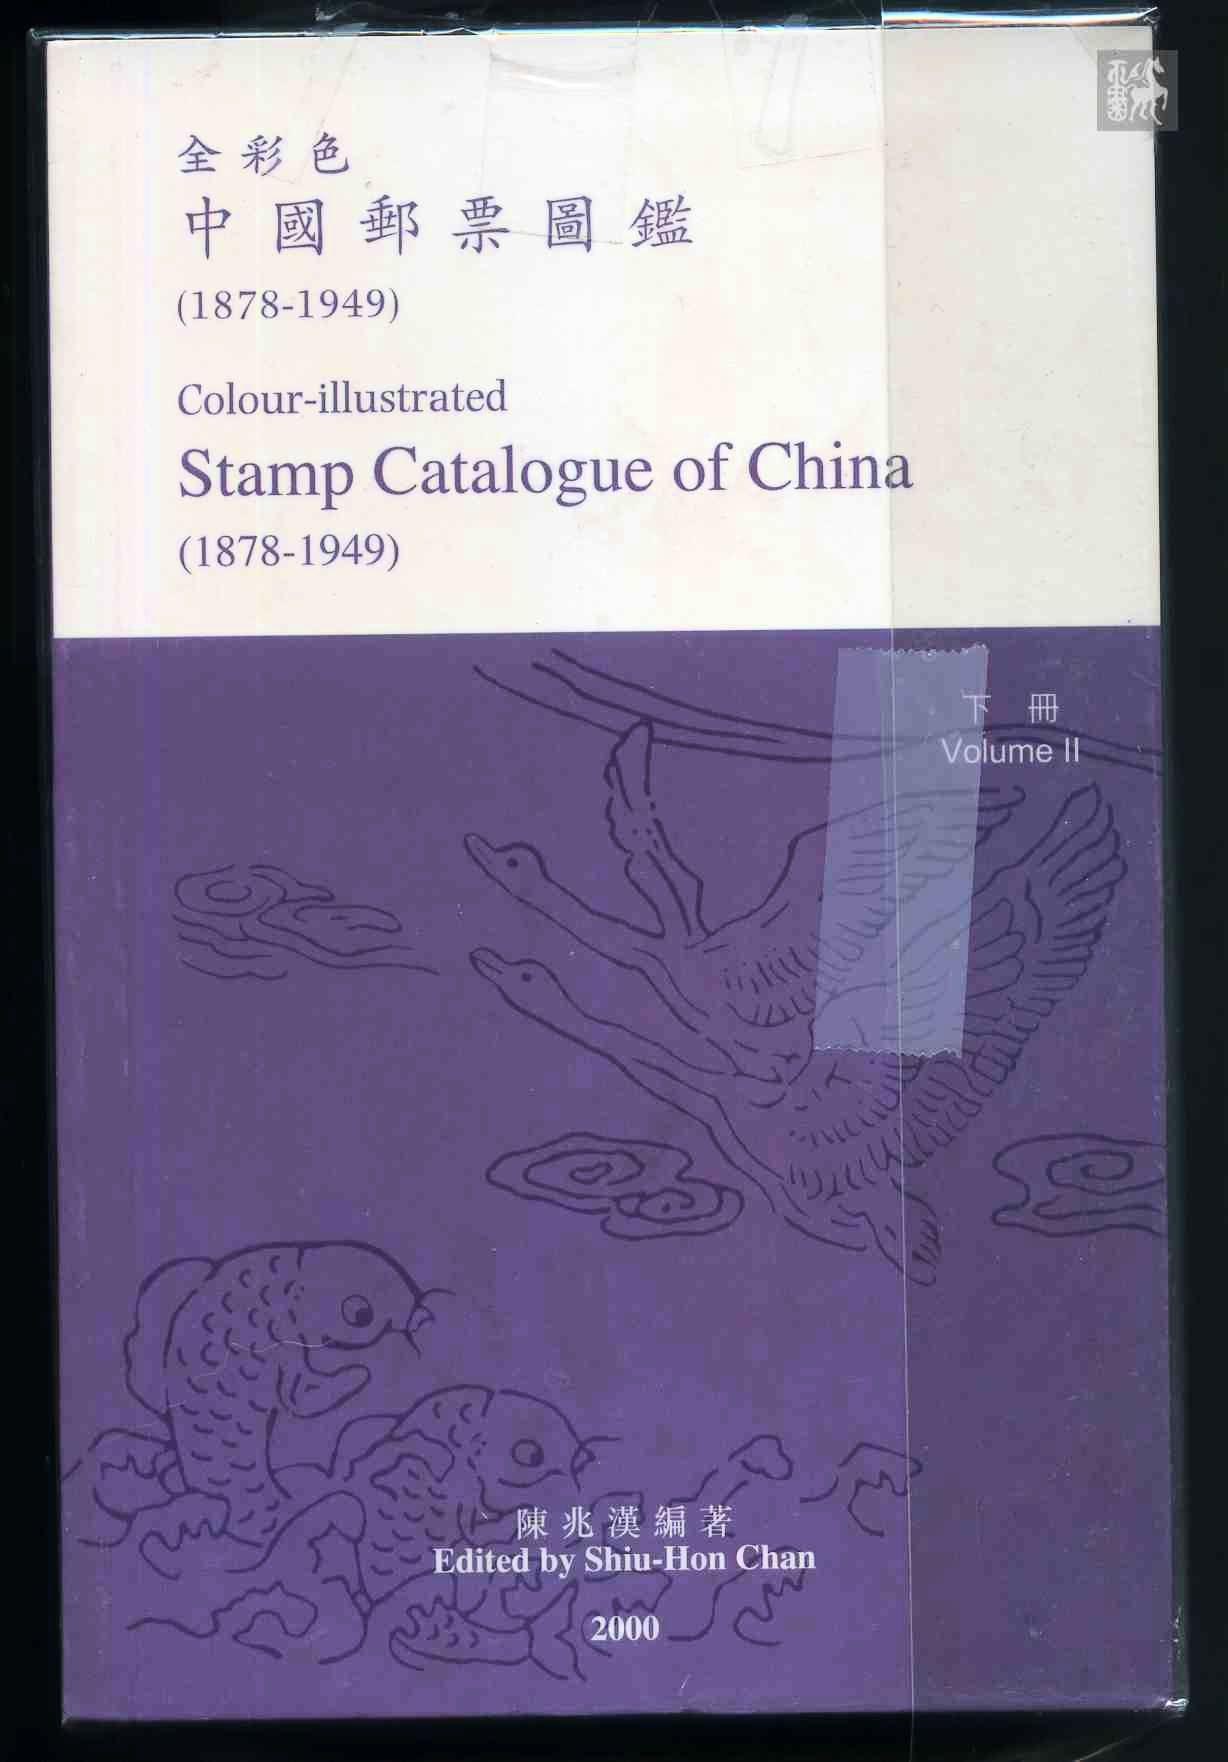 1878年-1949年中国邮票图鉴上下全